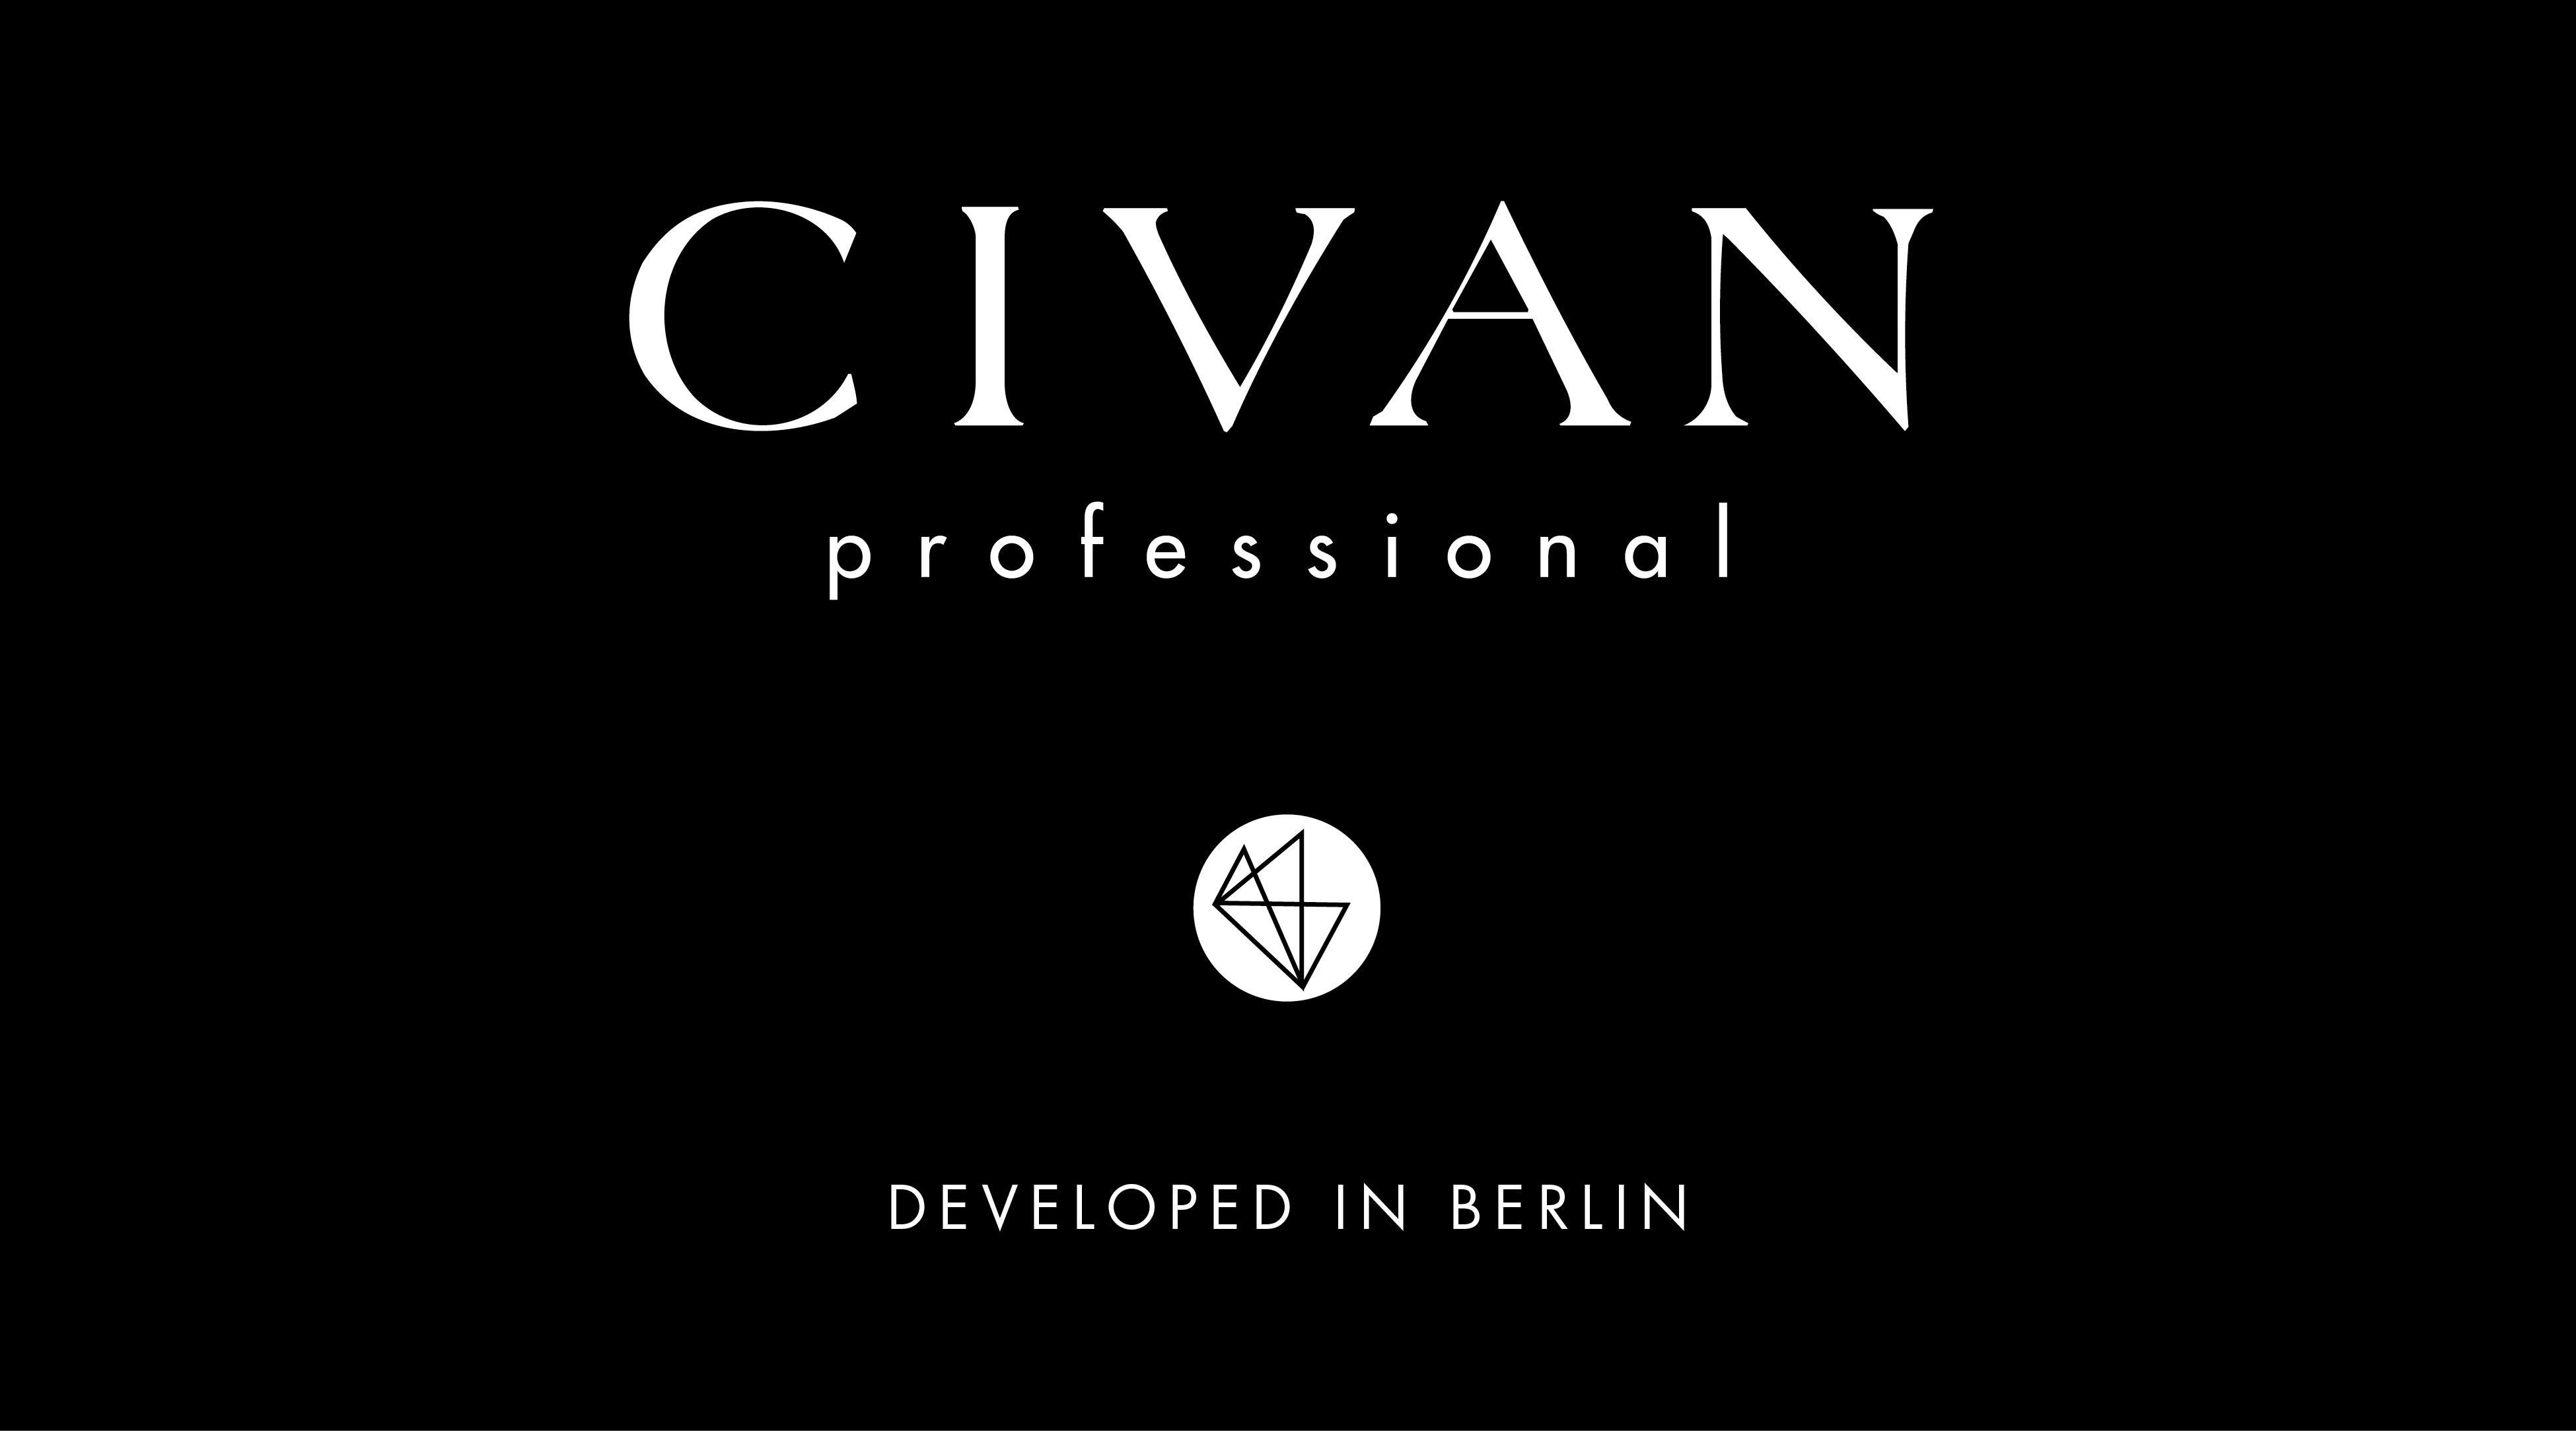 Civan coiffeur